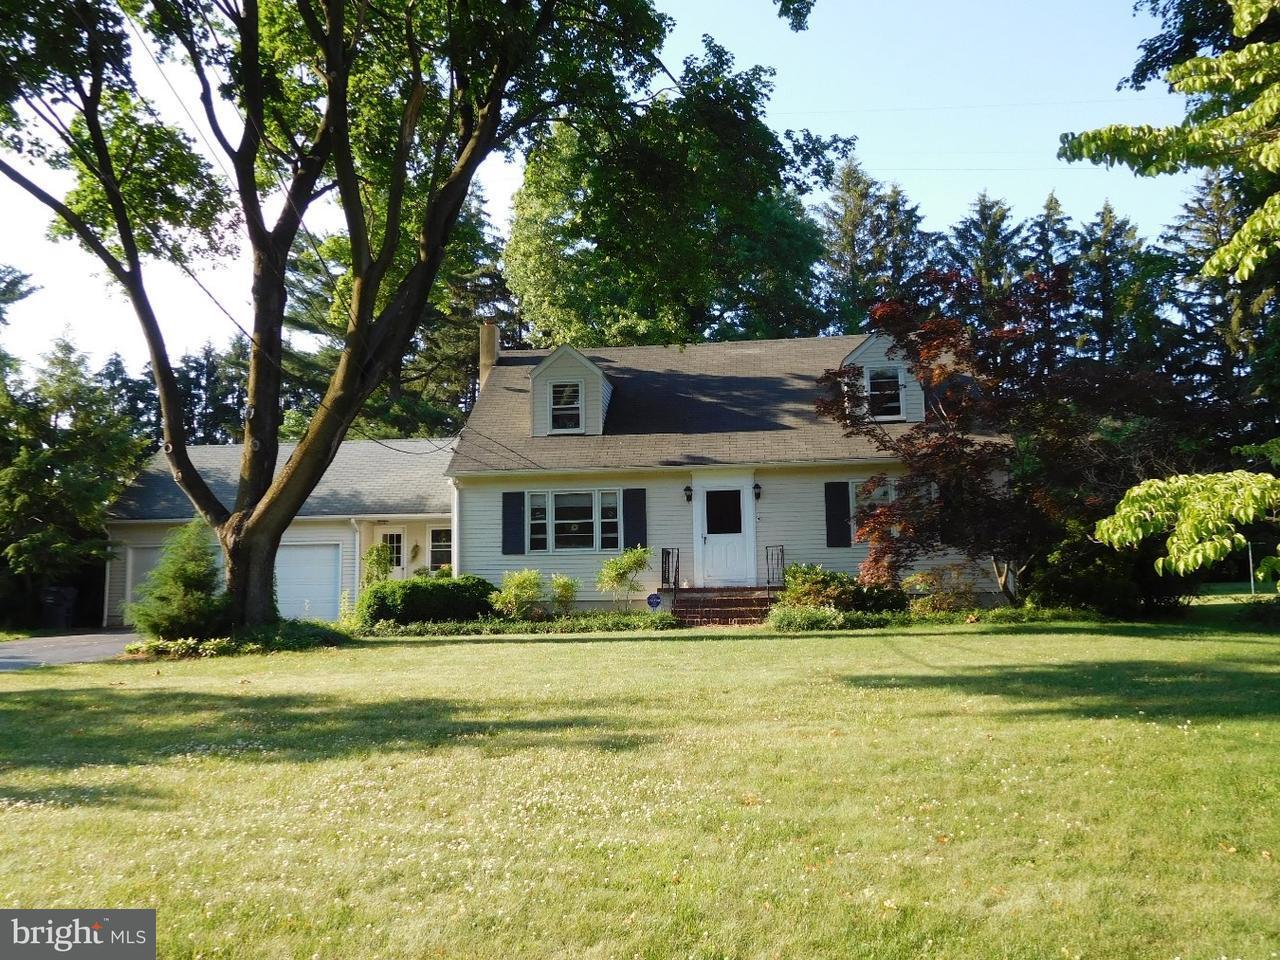 Casa Unifamiliar por un Alquiler en 14 SKILLMAN Avenue Lawrenceville, Nueva Jersey 08648 Estados UnidosEn/Alrededor: Lawrence Township